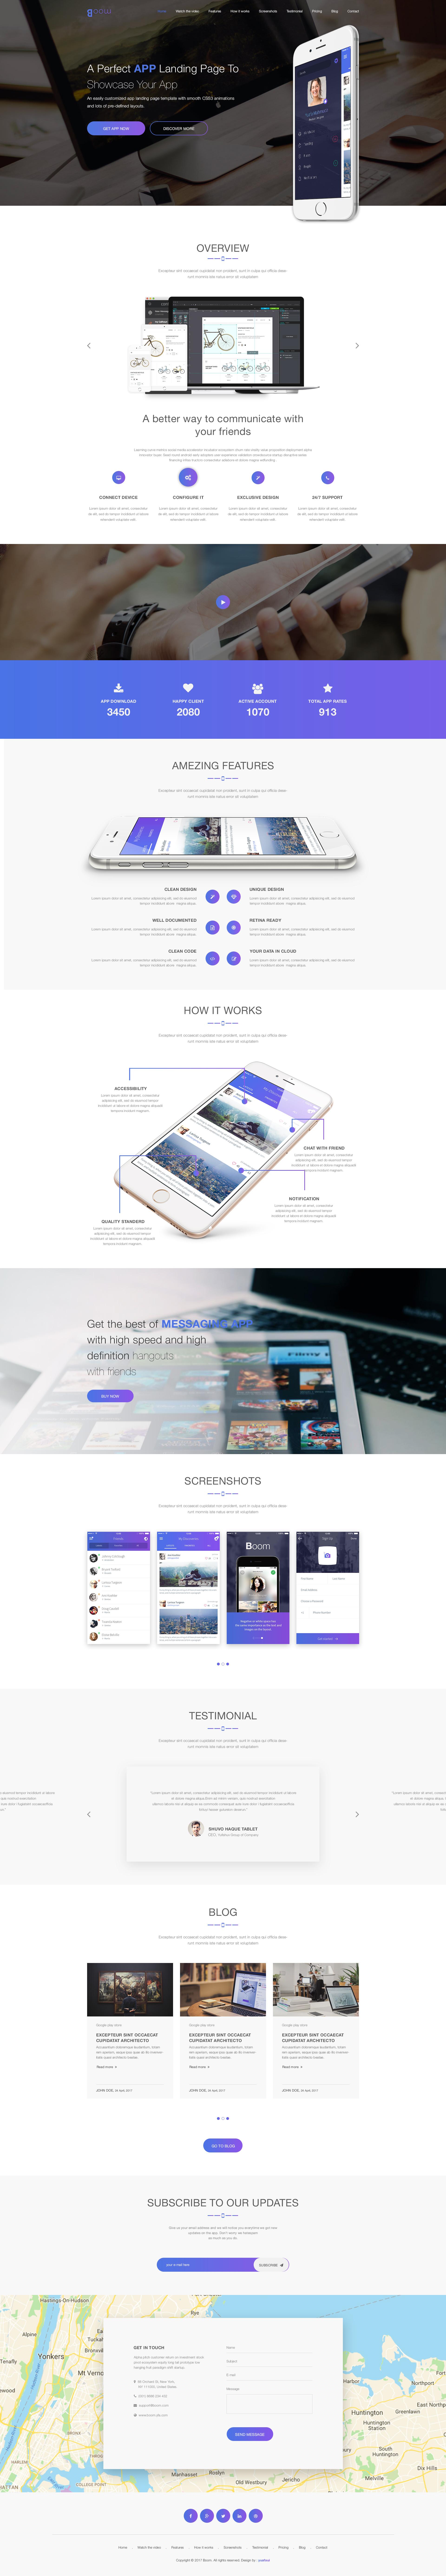 Fantastisch Kostenlose Bootstrap Anmeldevorlage Fotos - Beispiel ...